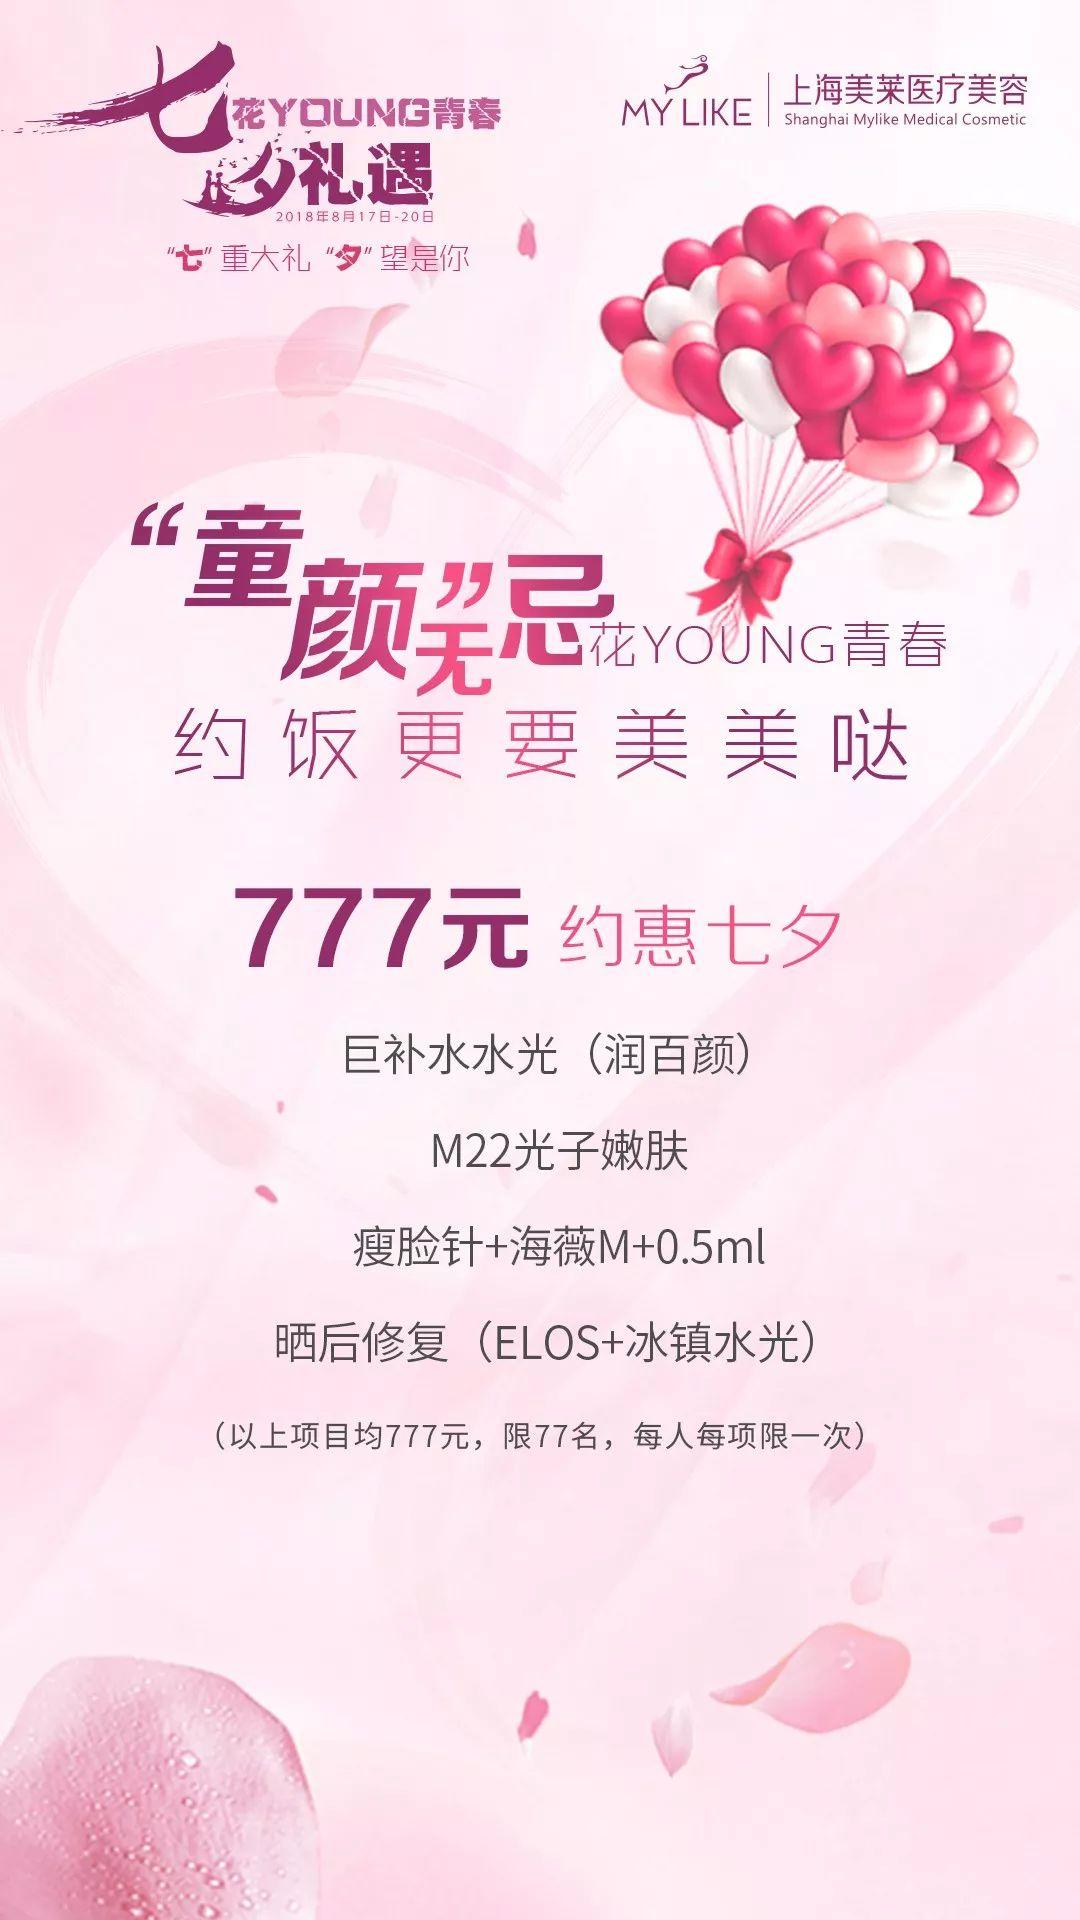 上海美莱瘦肩针_懂你所需,爱你所爱,美的刚刚好!